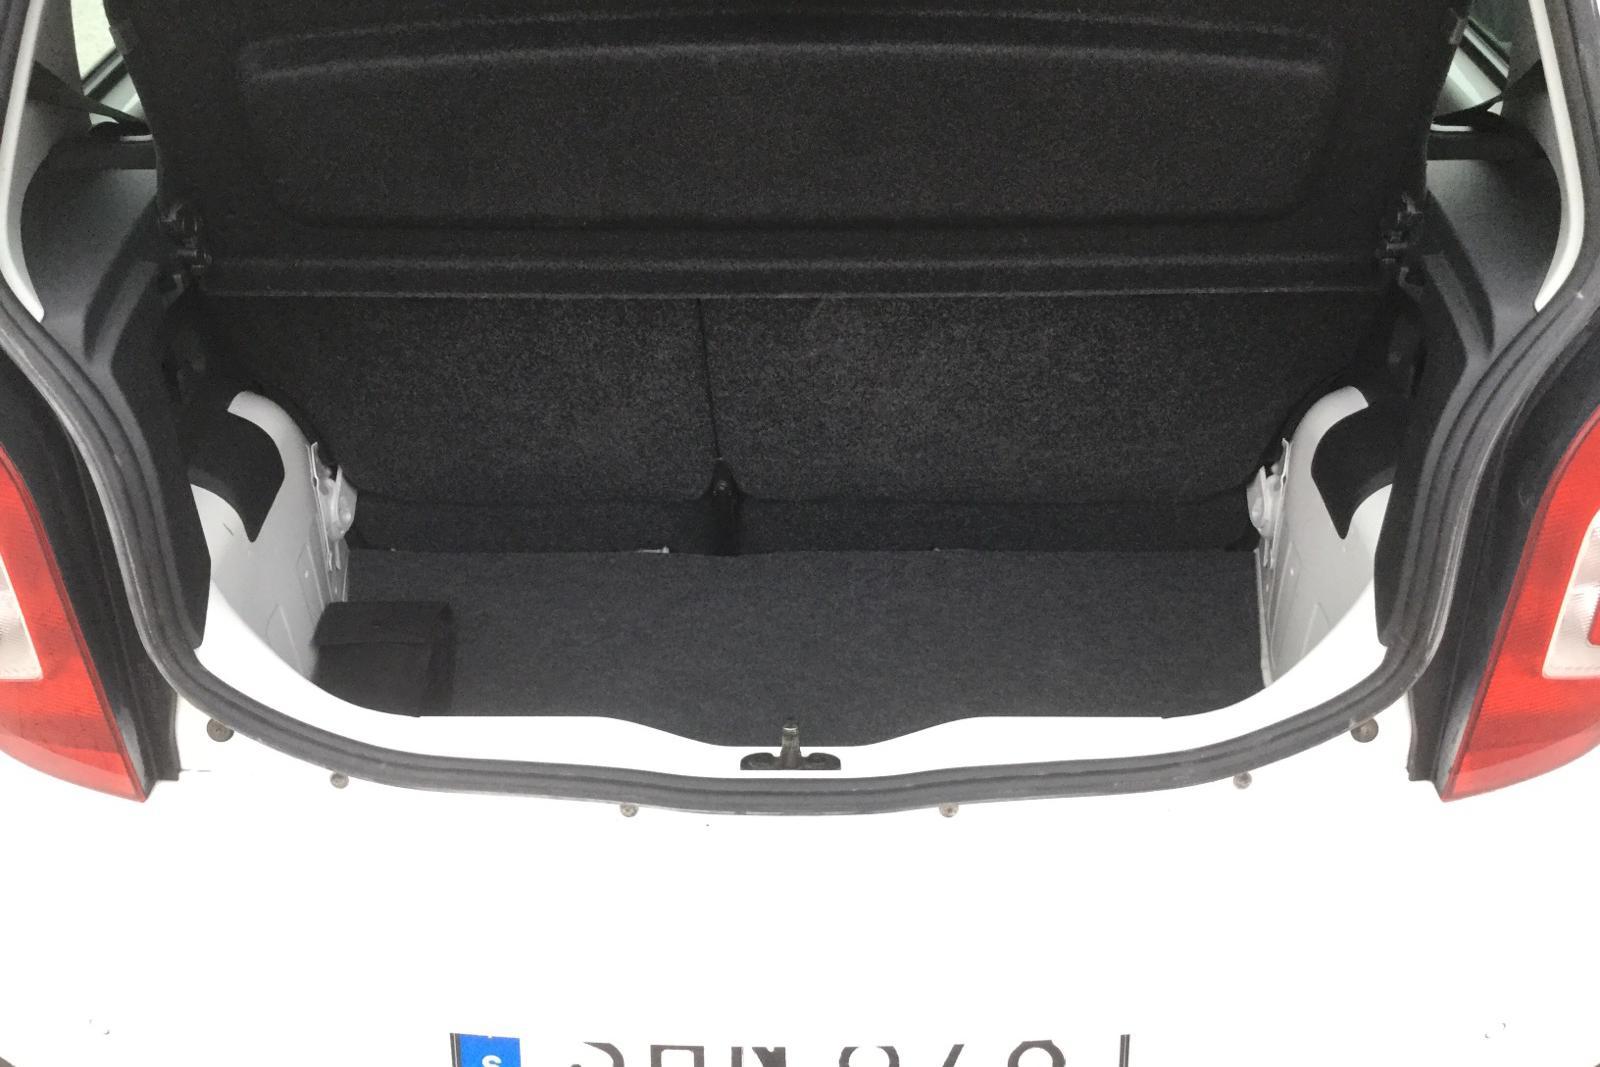 VW up! 1.0 5dr CNG (68hk) - 0 mil - Manuell - vit - 2015